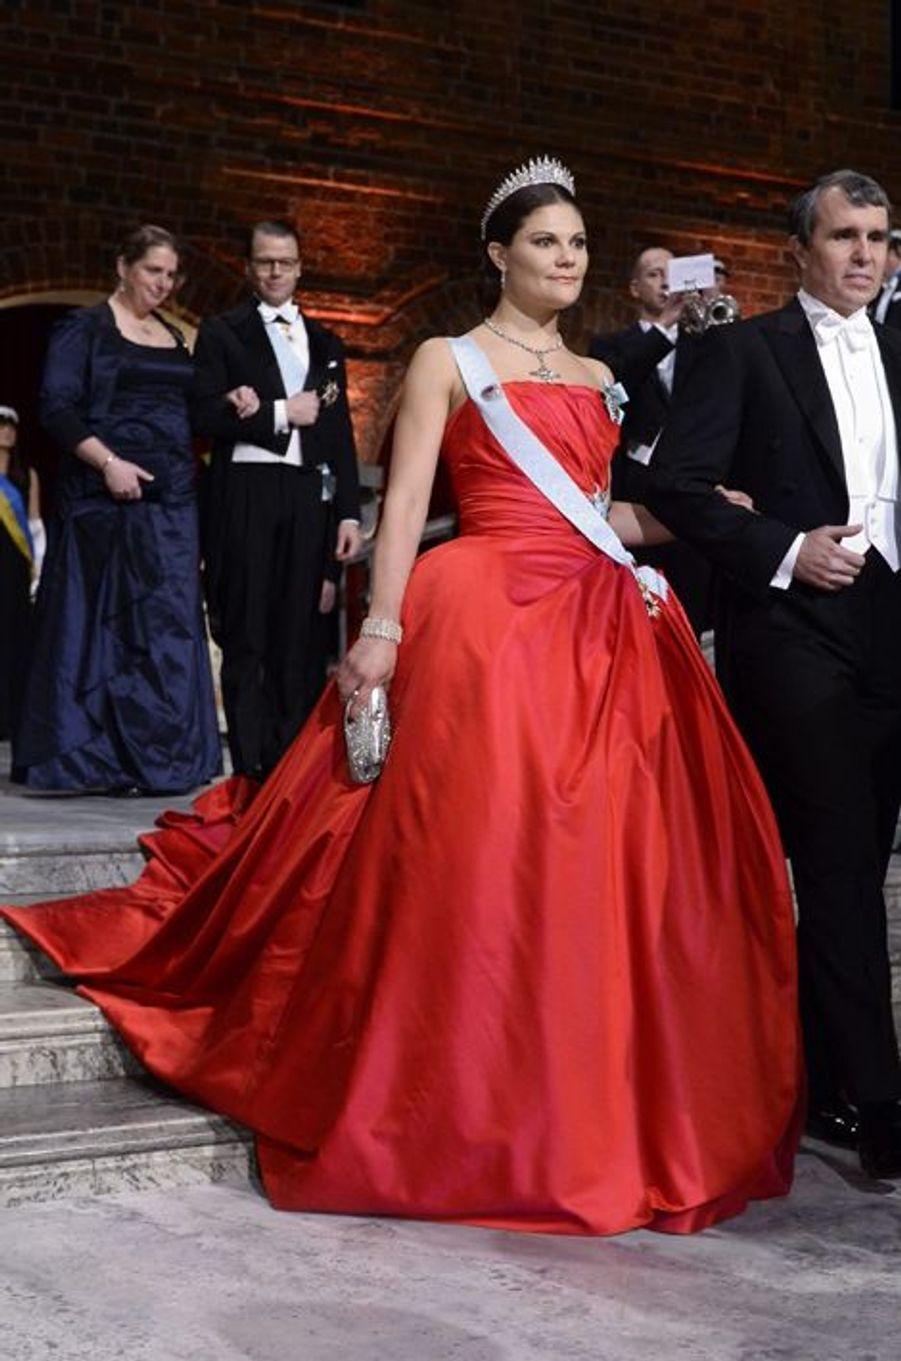 La princesse Victoria de Suède au banquet des prix Nobel à Stockholm, le 10 décembre 2014